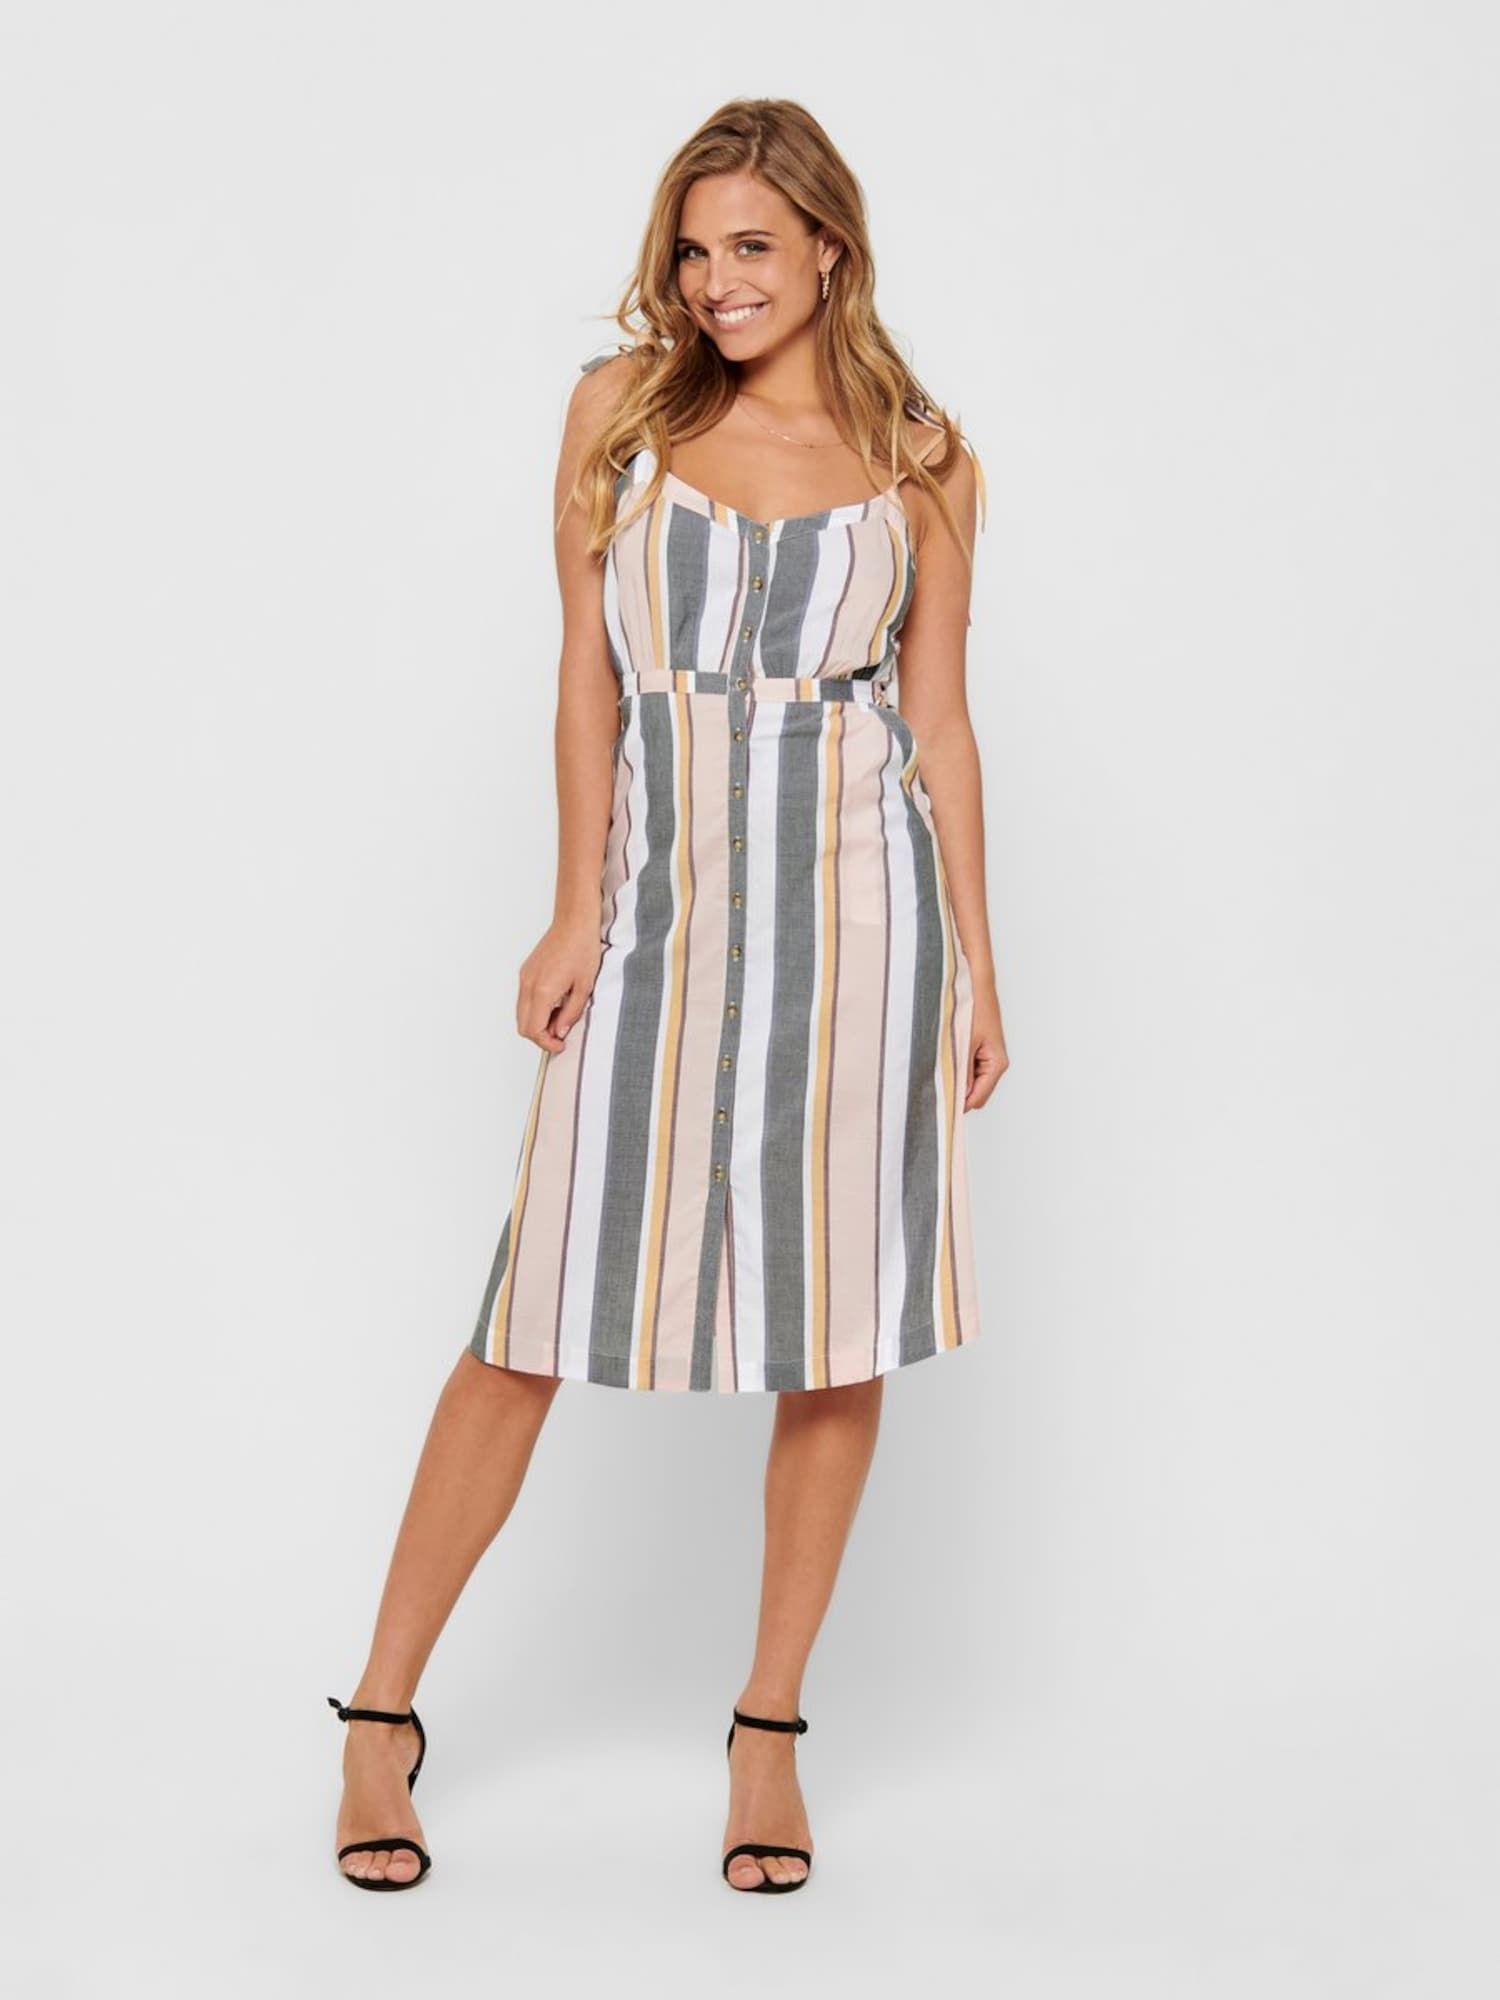 ONLY Kleid Damen, bunt, Größe 14  Kleider, Only kleid, Kleidung